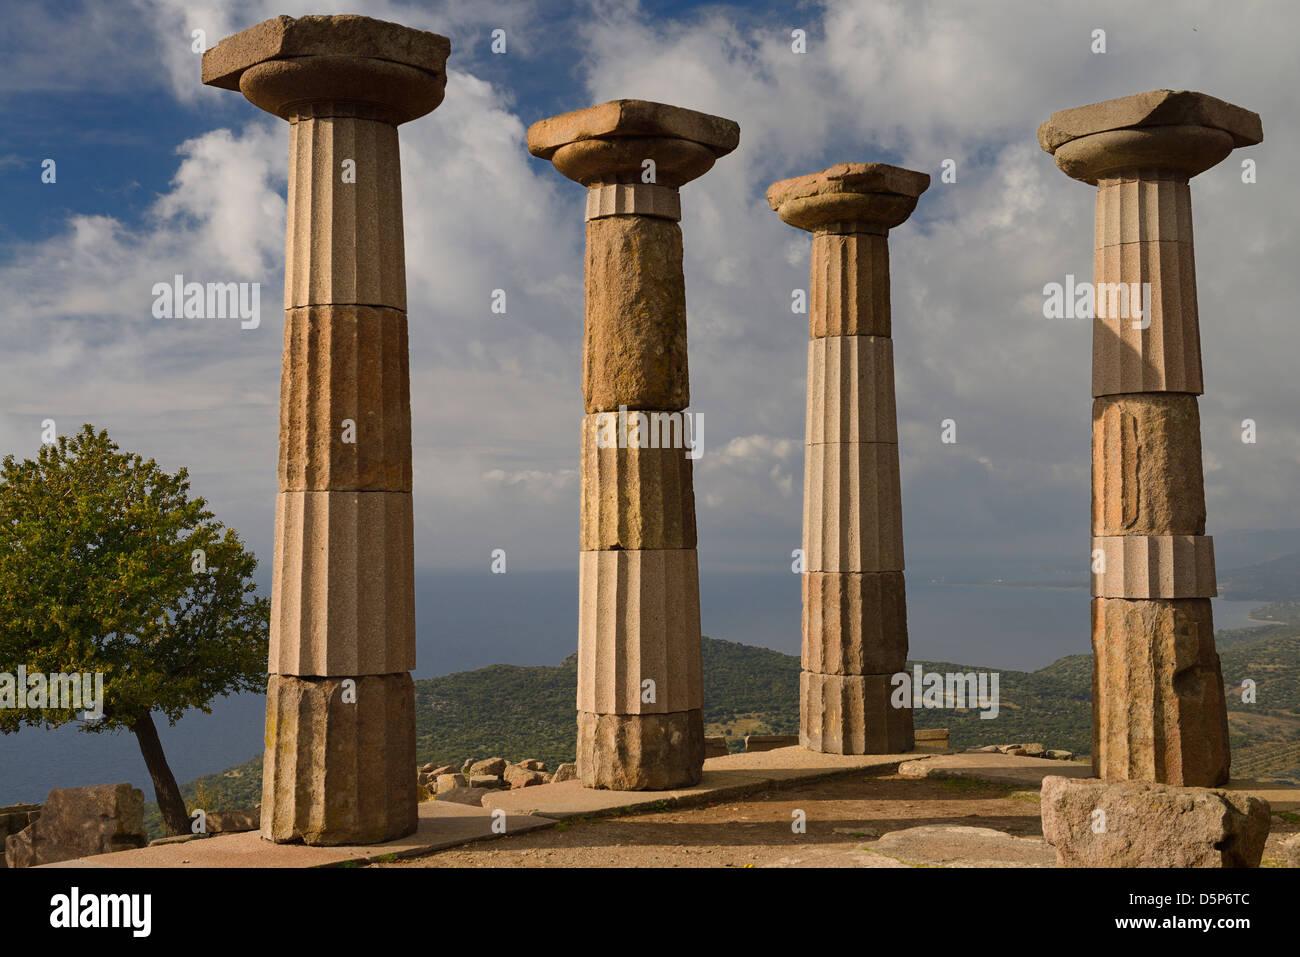 Quitte Baum und dorischen Säule Ruinen der Tempel der Athene auf die Ägäis Küste in Assos behramkale Stockbild